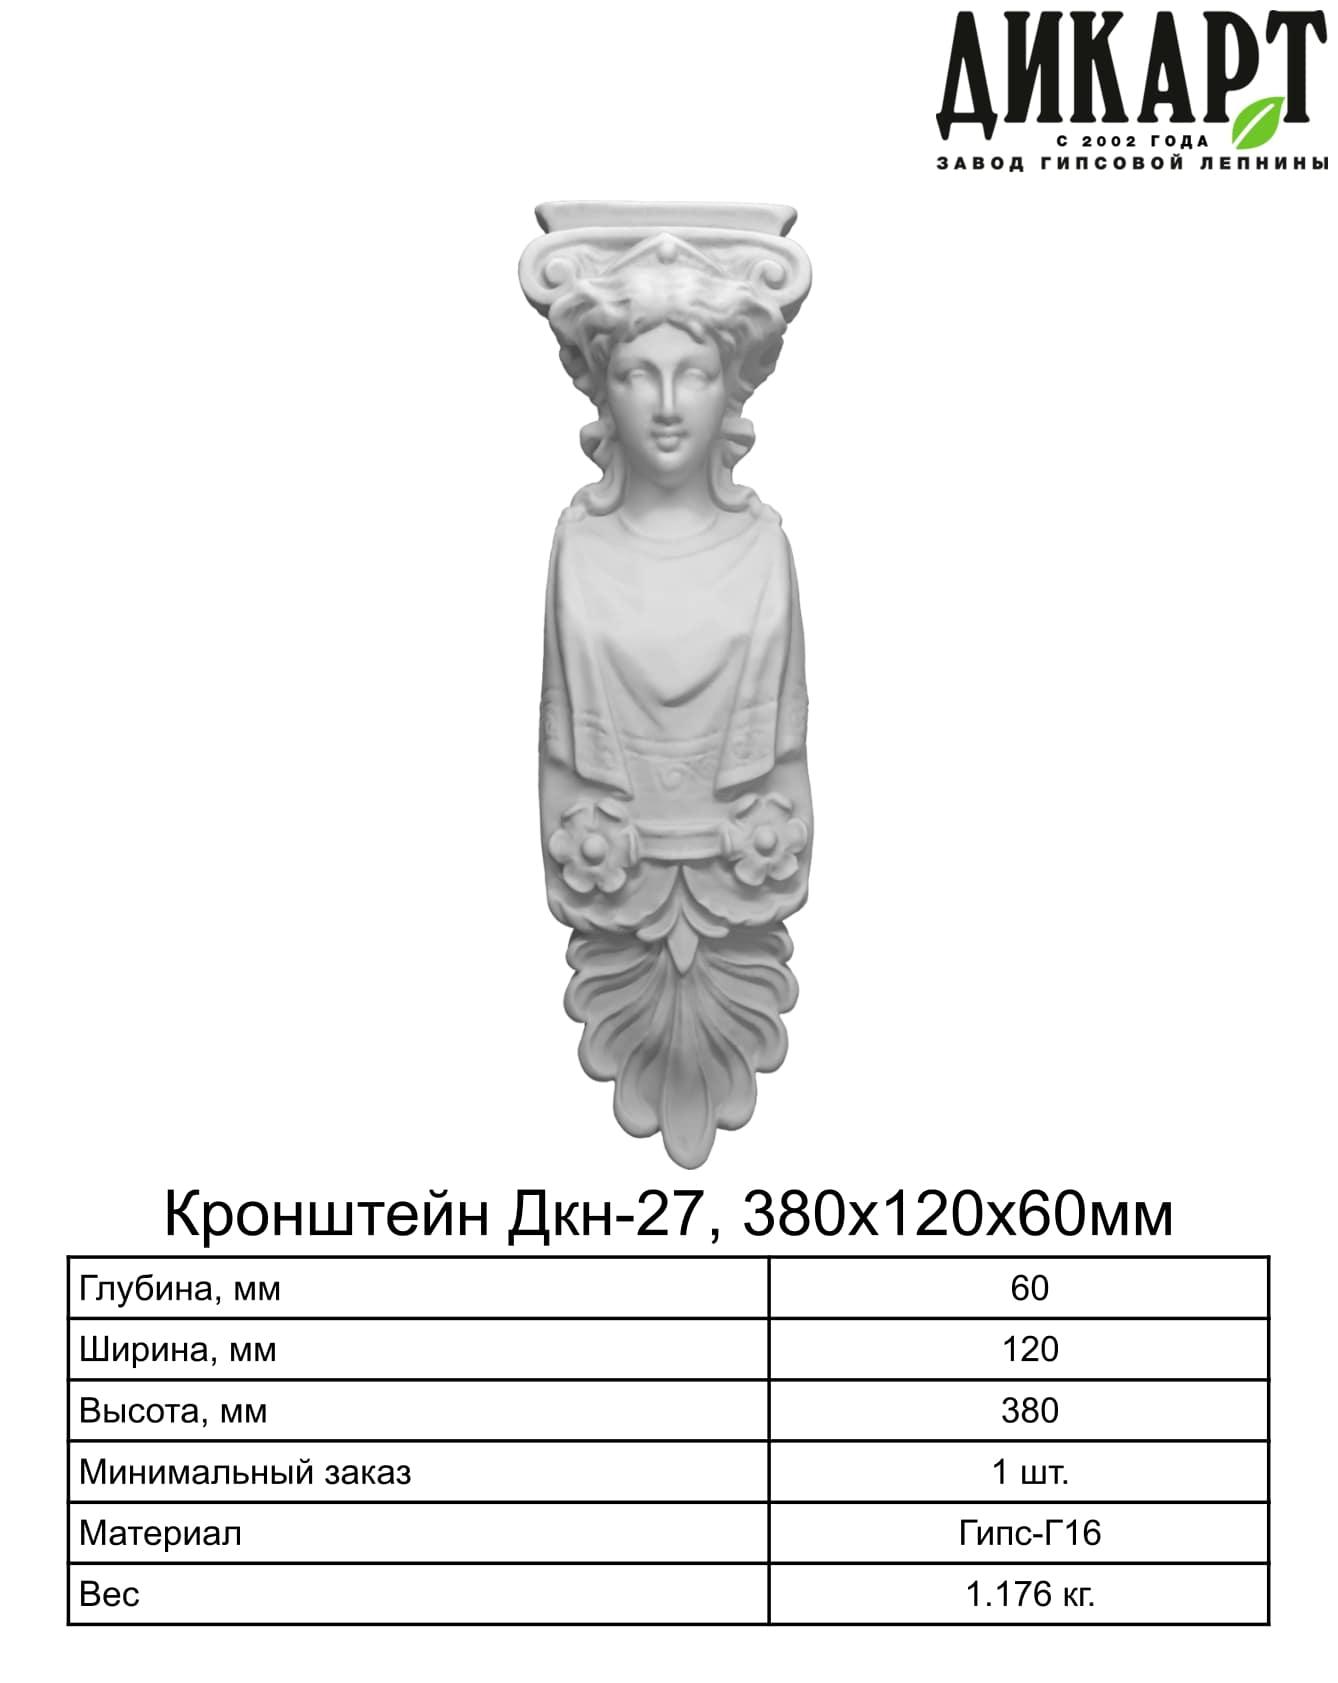 Кронштейн_Дкн-27